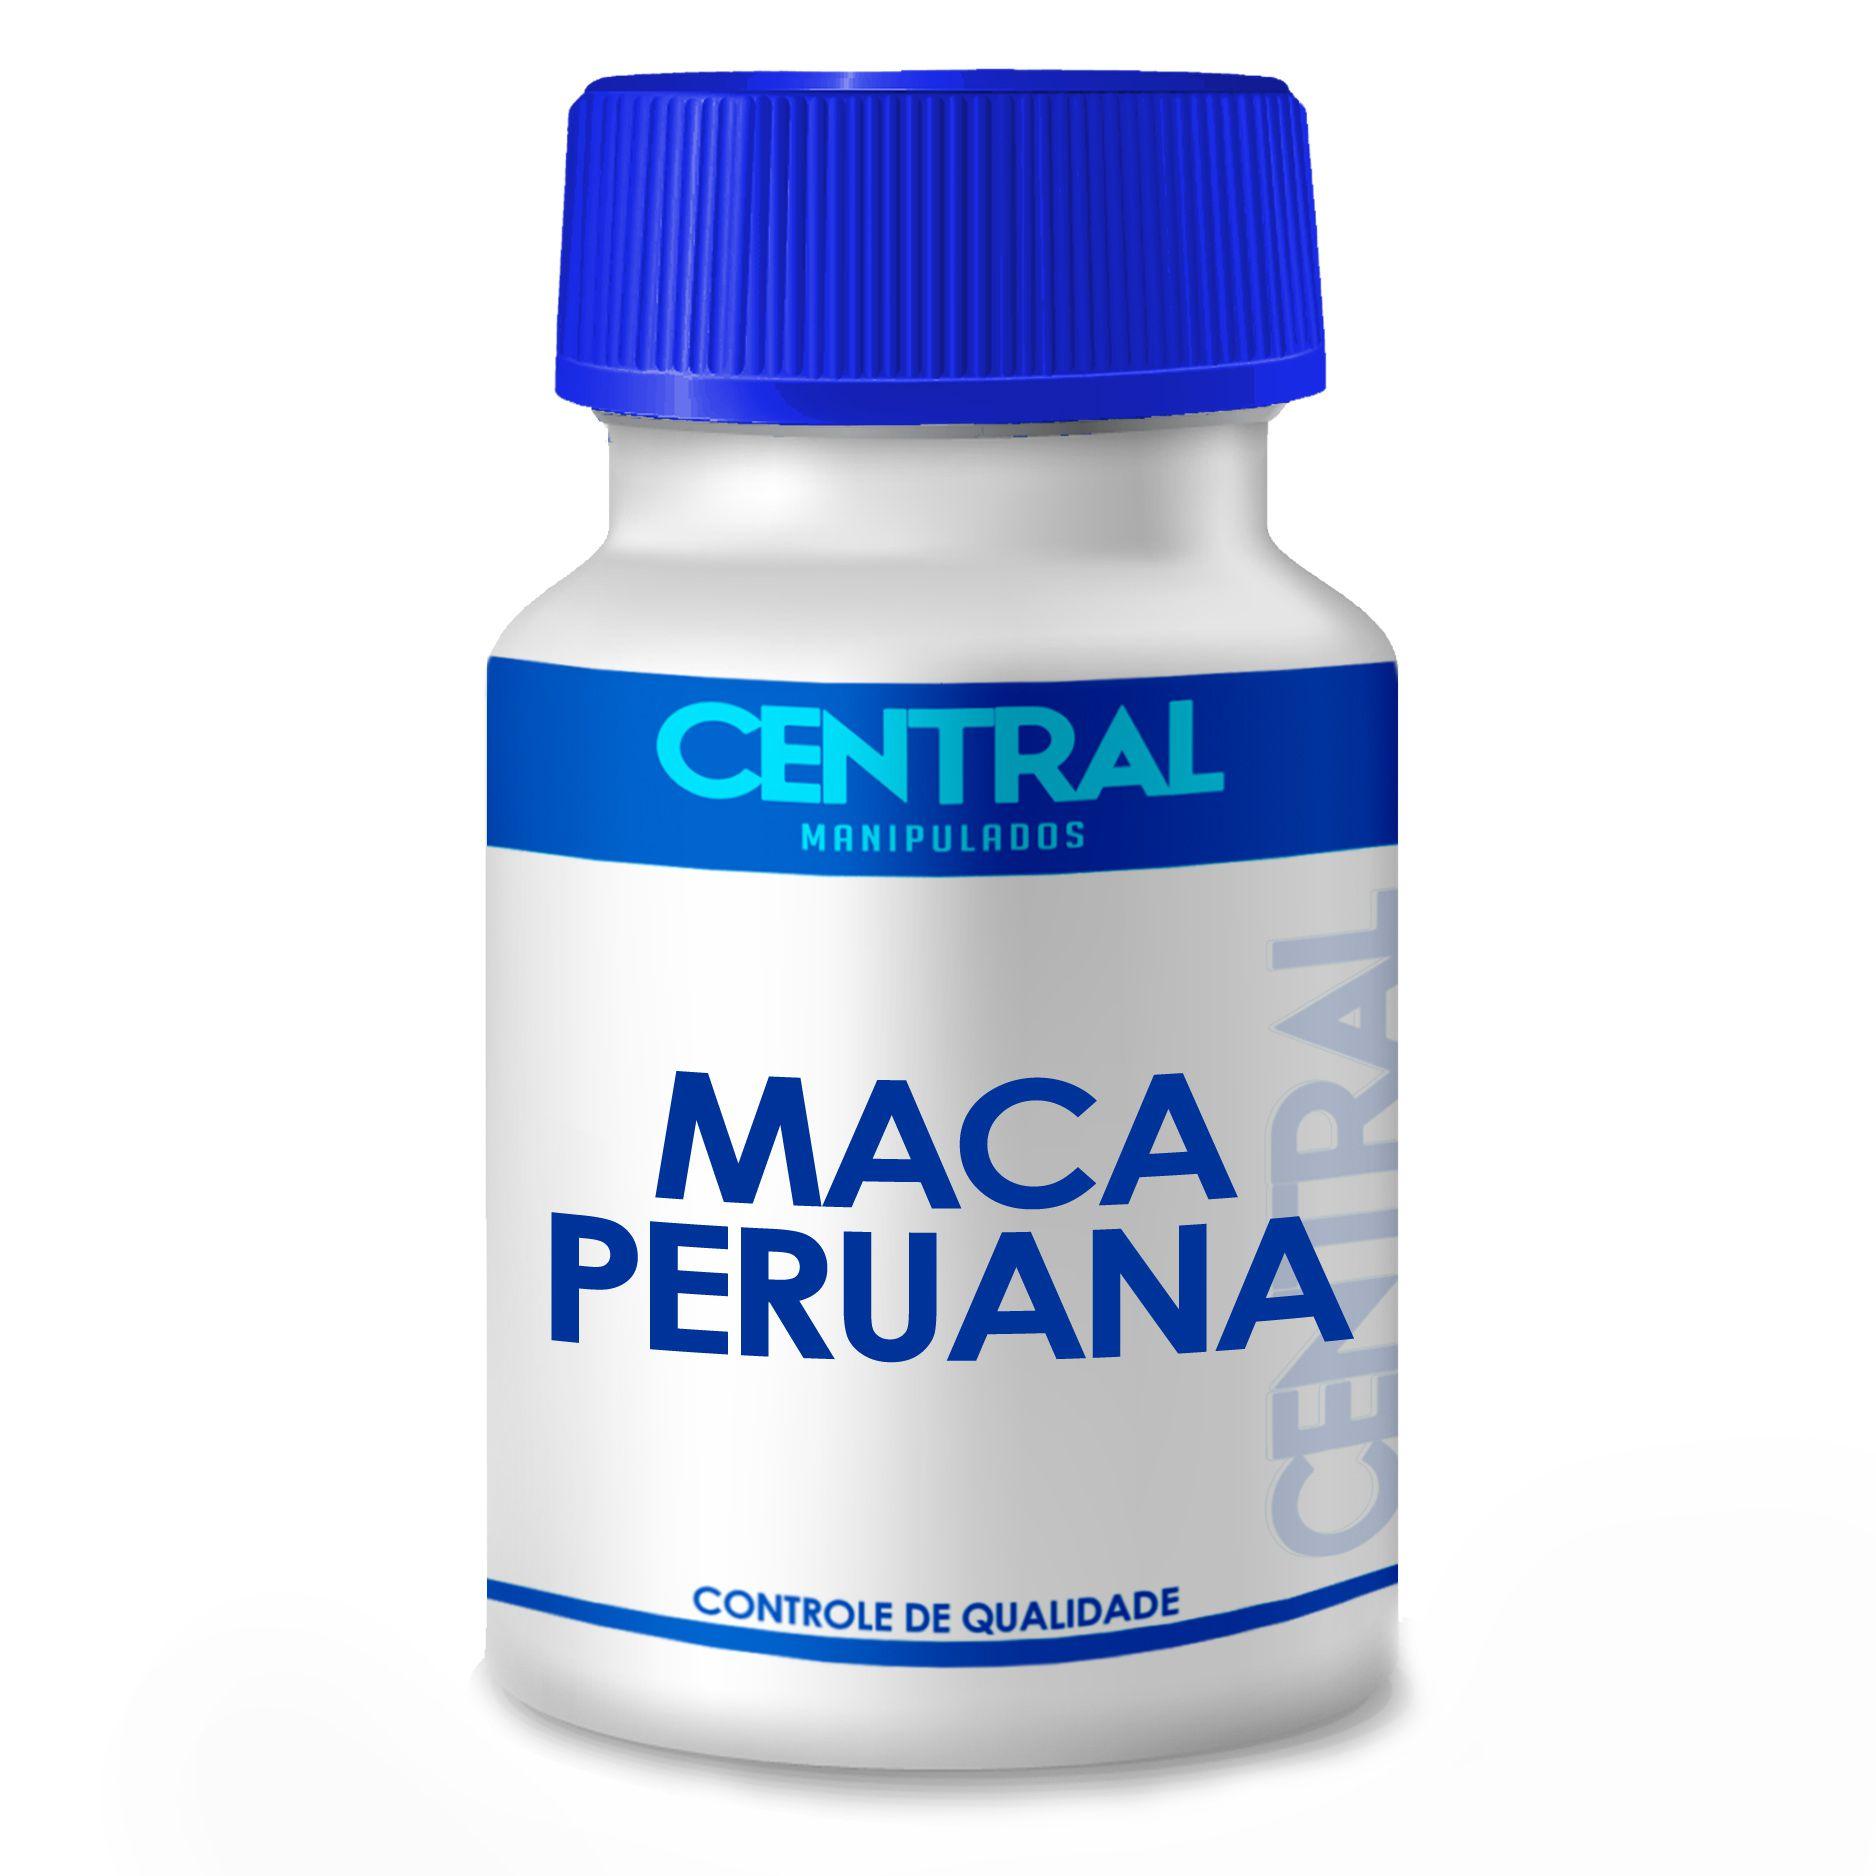 Maca peruana - energético e aumento da libido sexual - 500mg 60 cápsulas